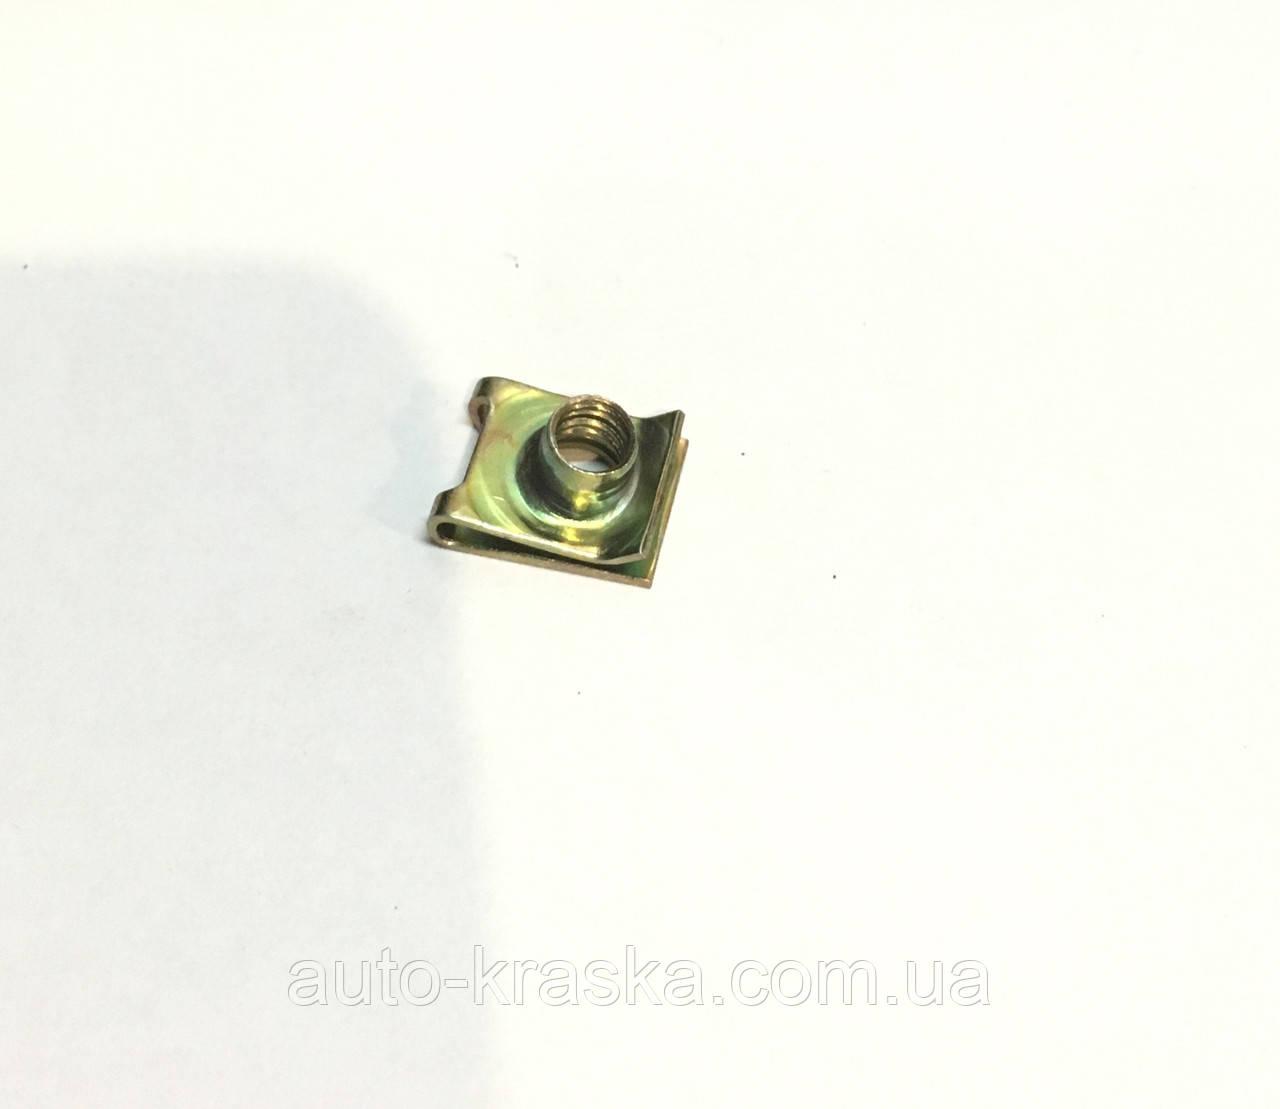 Пластина монтажная с метричной резьбой 6MA